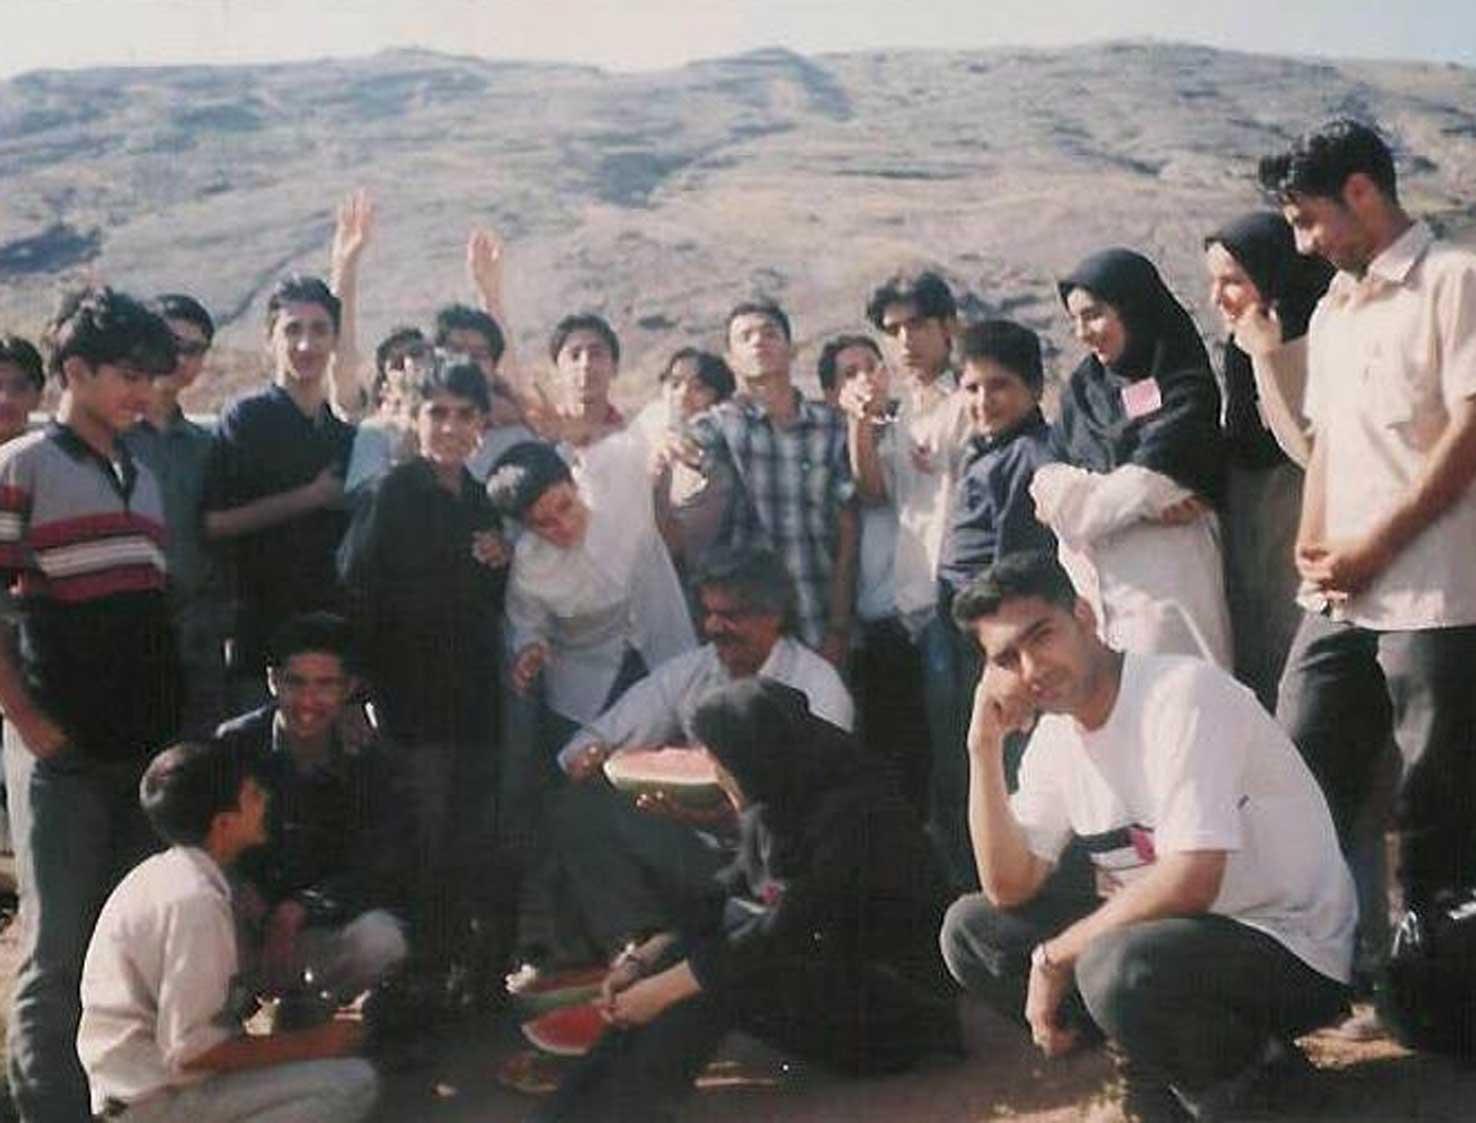 بچه های انجمن و استاد اسحاقی- 1381 طالقان